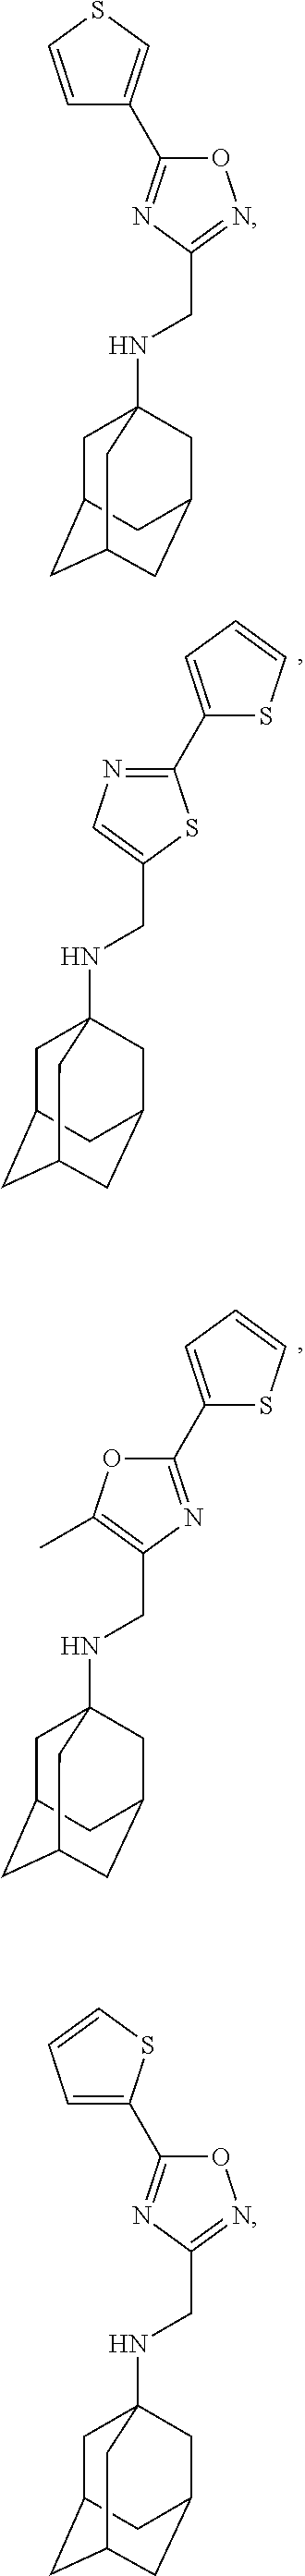 Figure US09884832-20180206-C00160